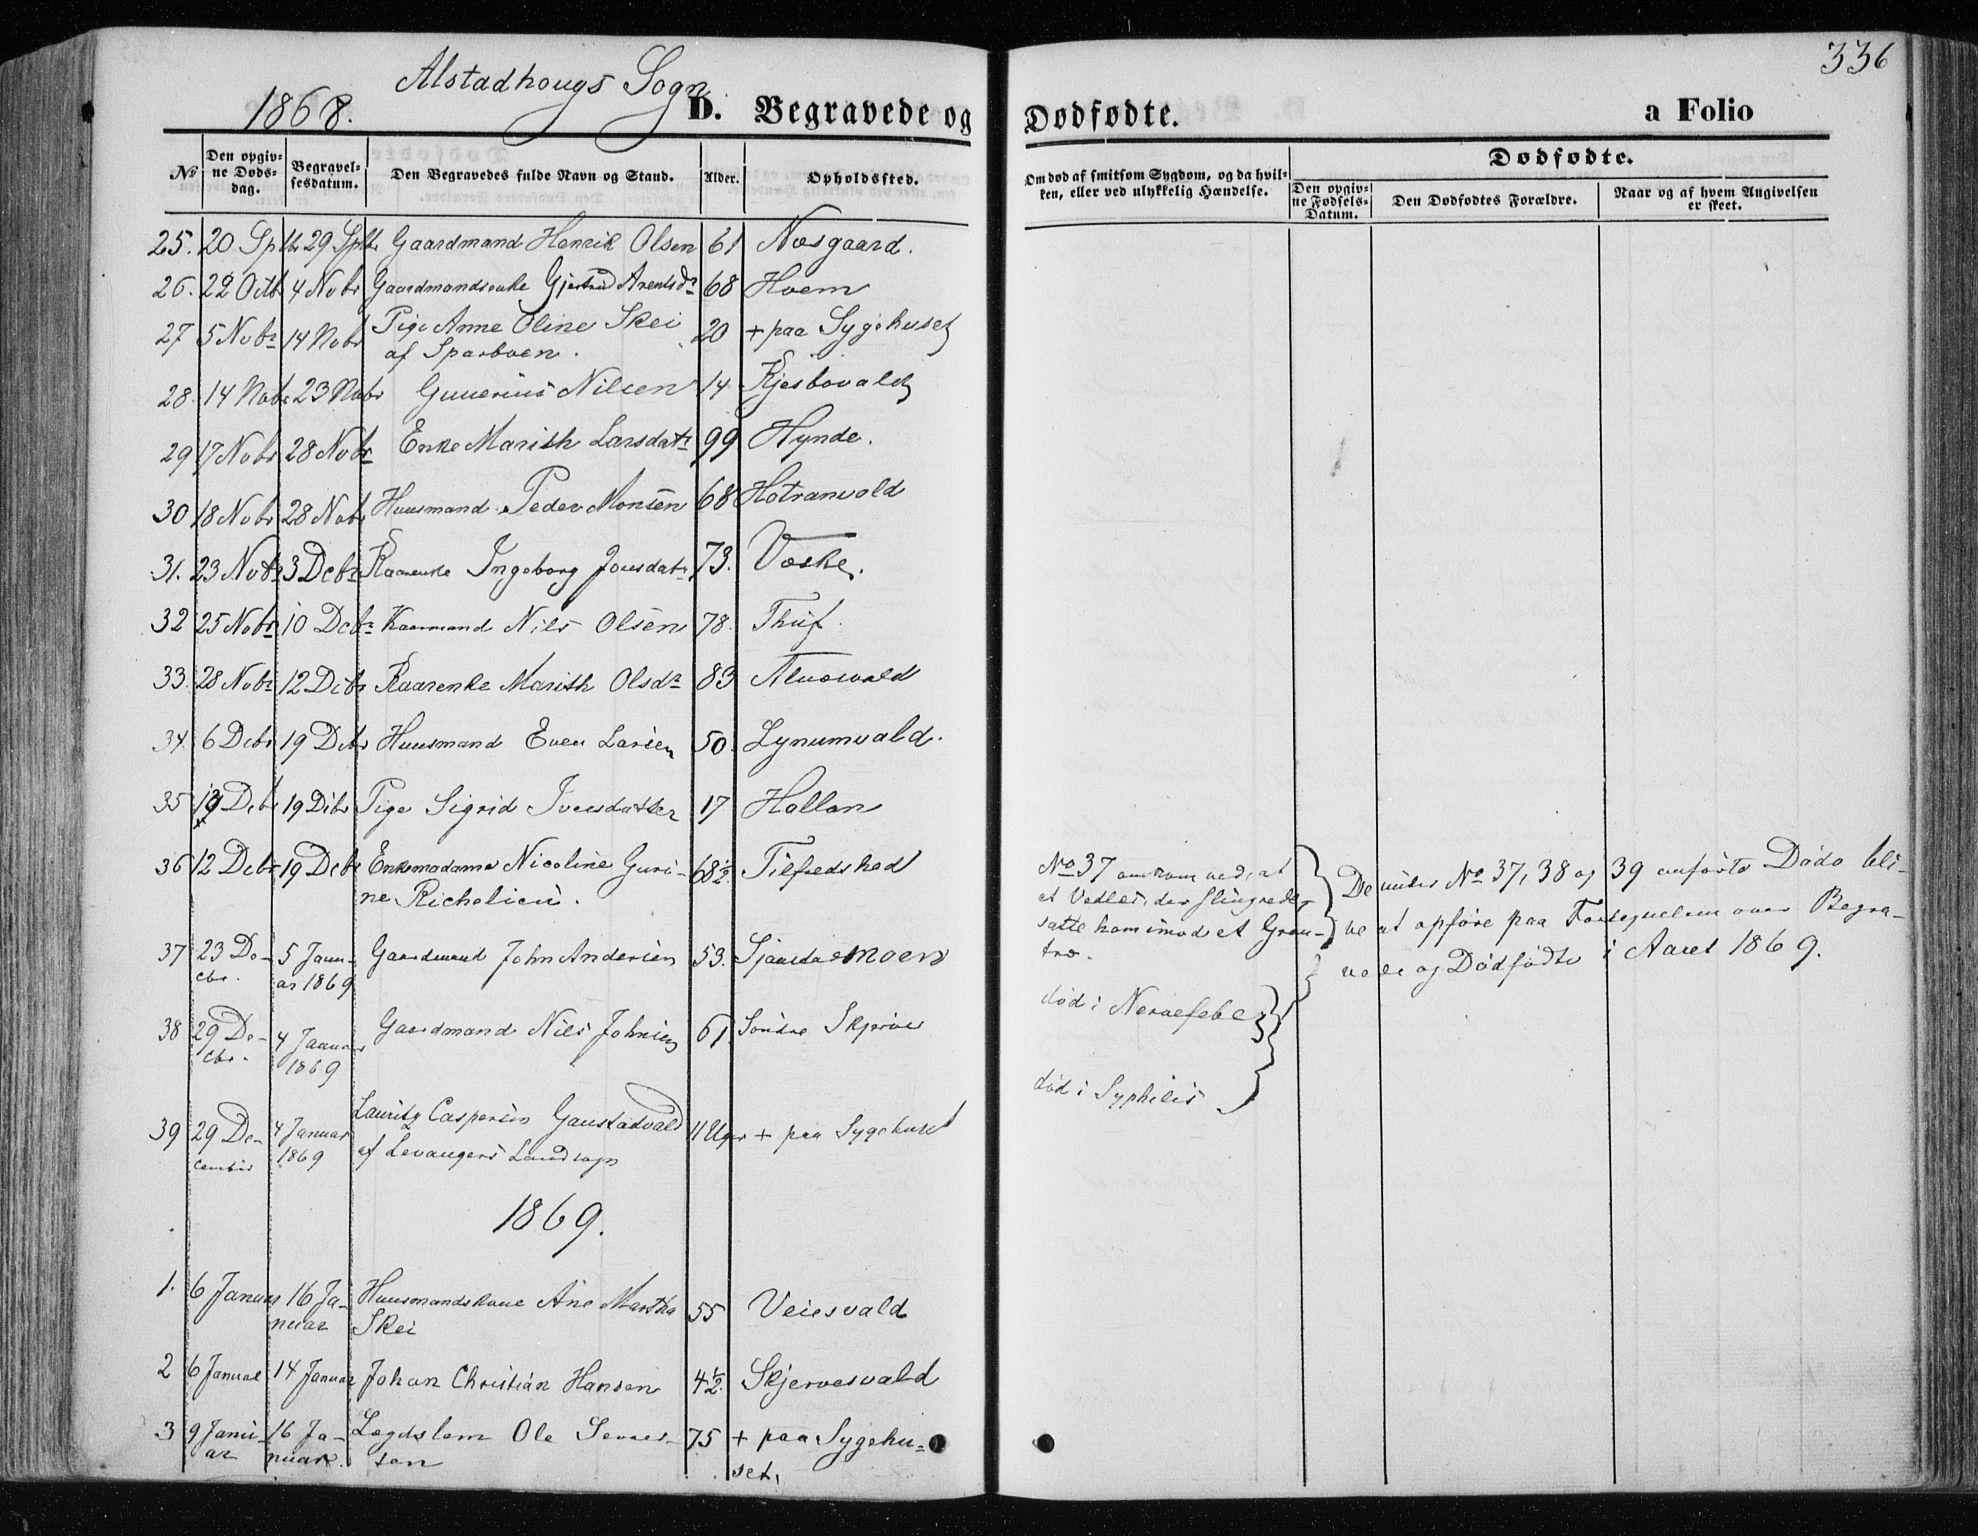 SAT, Ministerialprotokoller, klokkerbøker og fødselsregistre - Nord-Trøndelag, 717/L0157: Ministerialbok nr. 717A08 /1, 1863-1877, s. 336